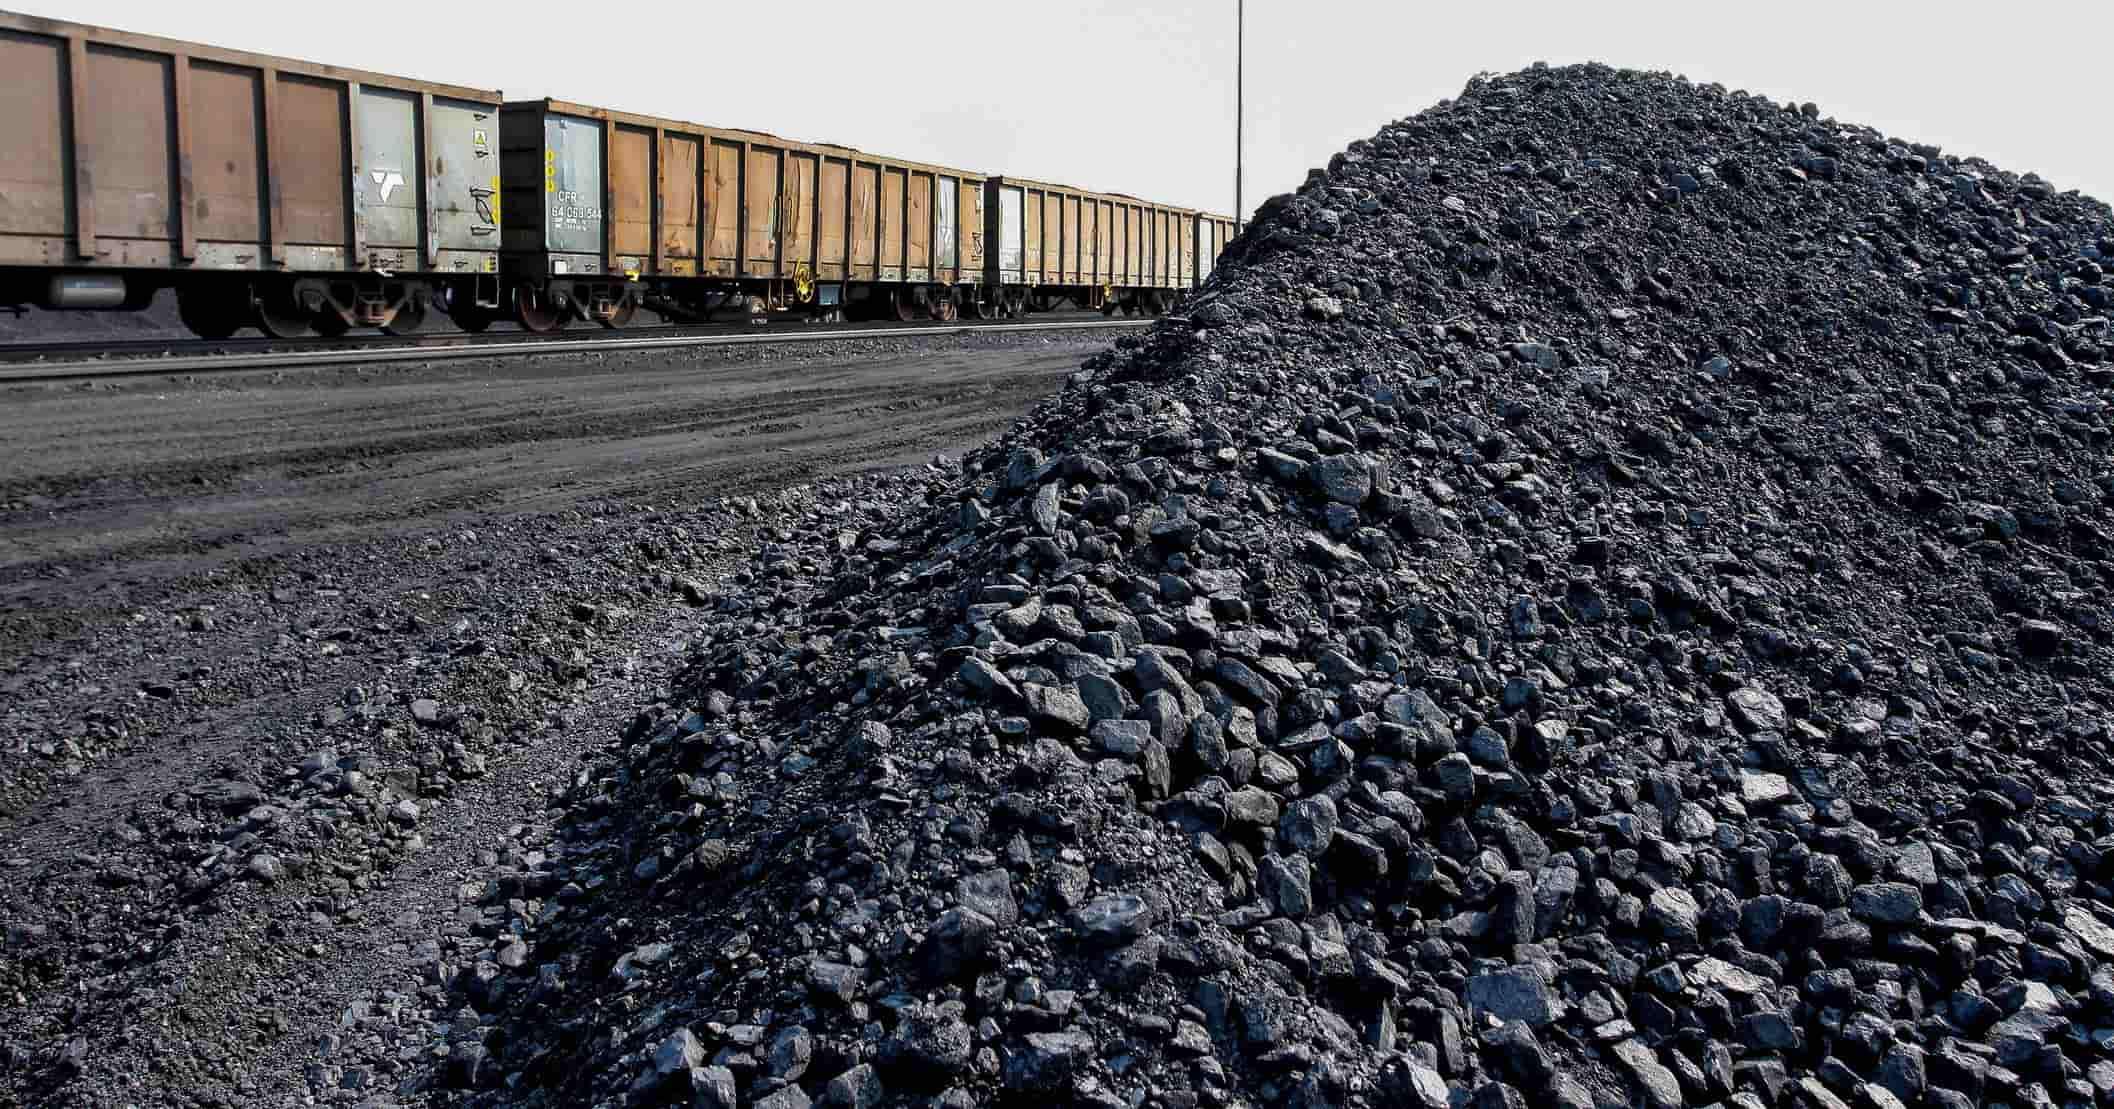 Казахстан зупинив поставки вугілля в Україну  через санкції РФ